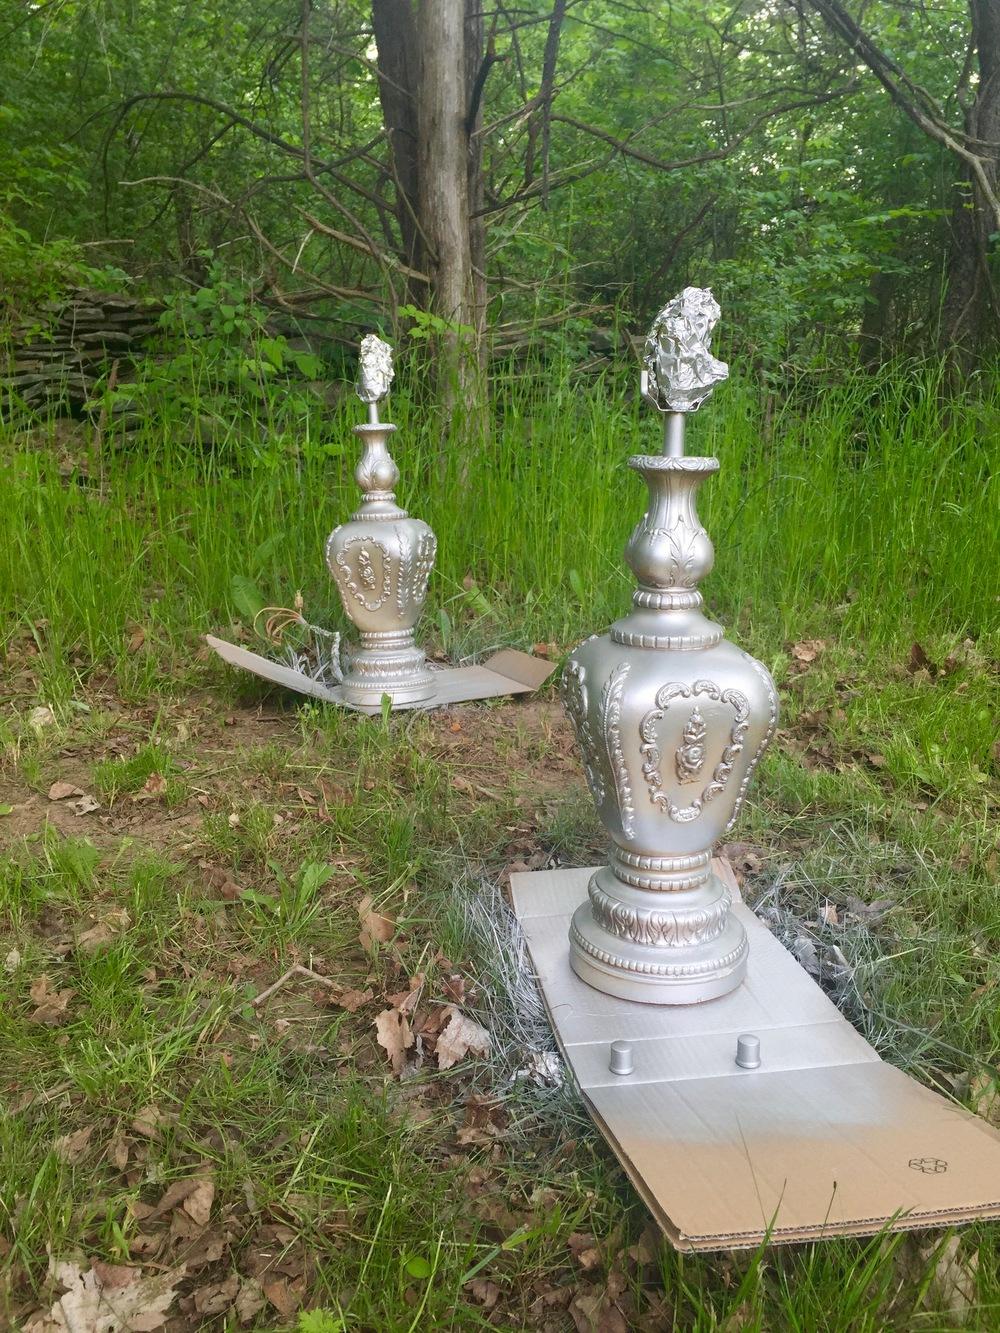 Spray-painted lamps in Krylon metallic silver | BrooklynDoubleWide.com